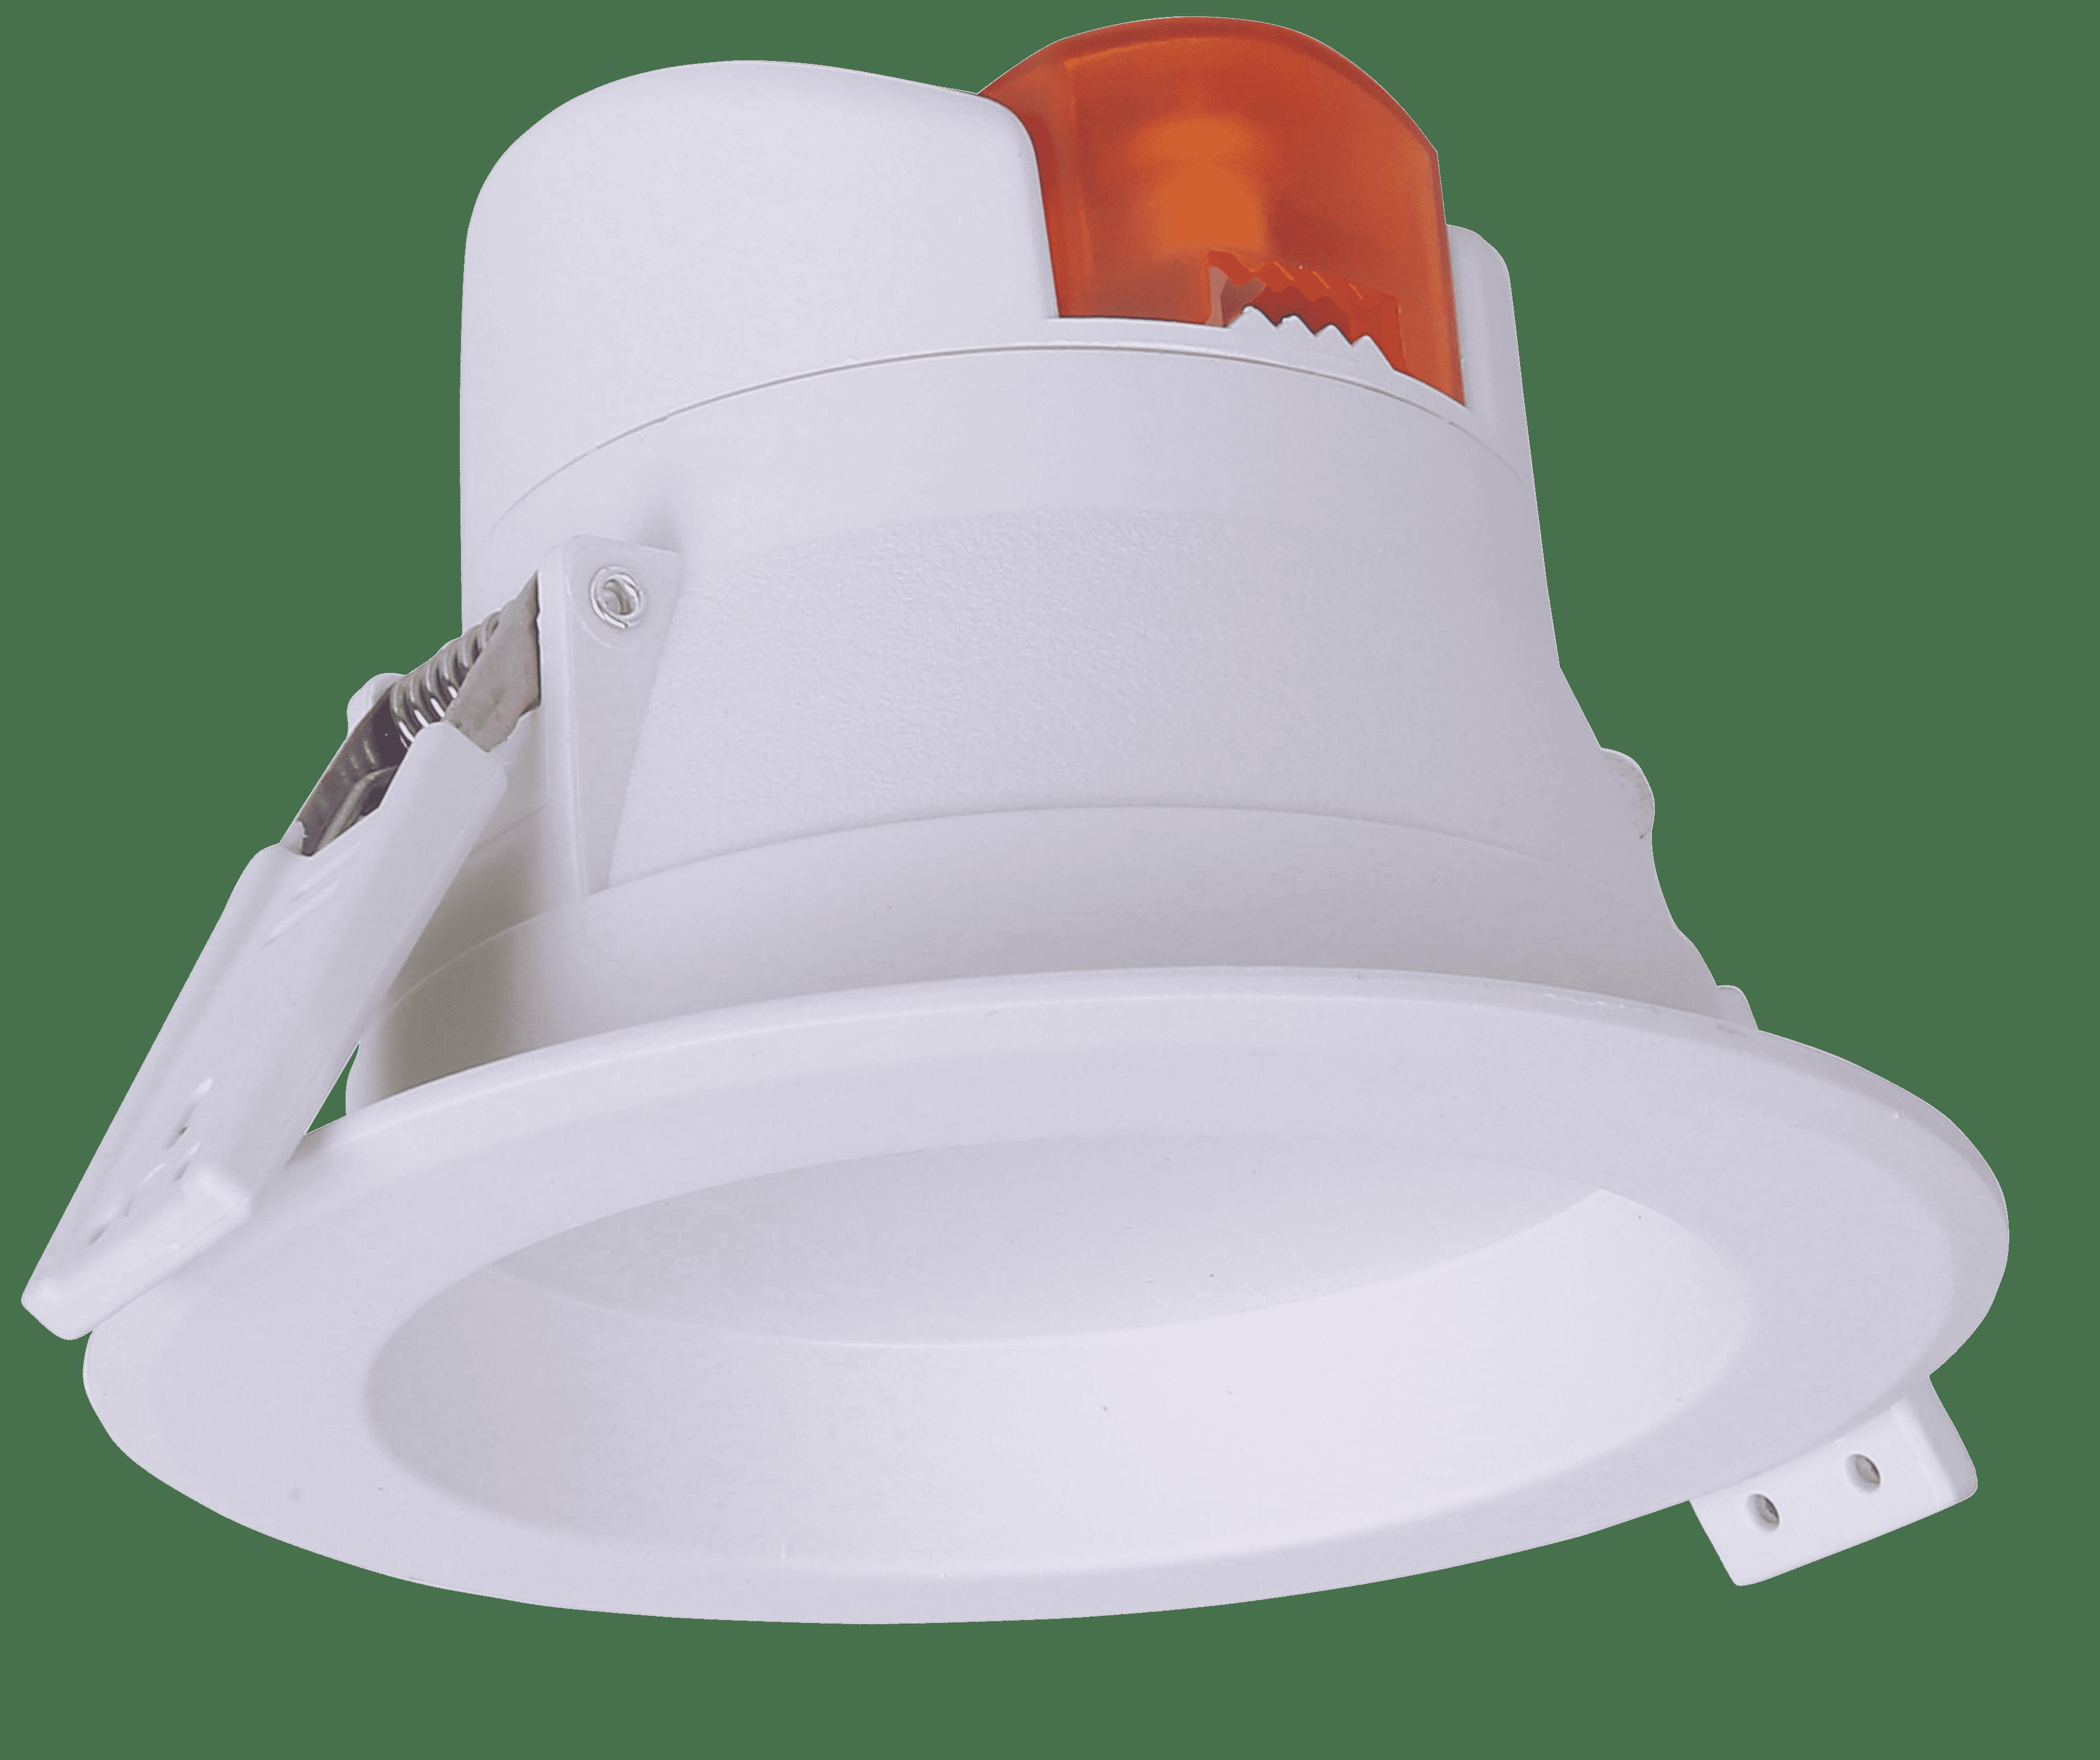 M-light LED Einbaustrahler 7W 3000K IP44 520lm 230V,3000K nicht dimmbar 81-3150